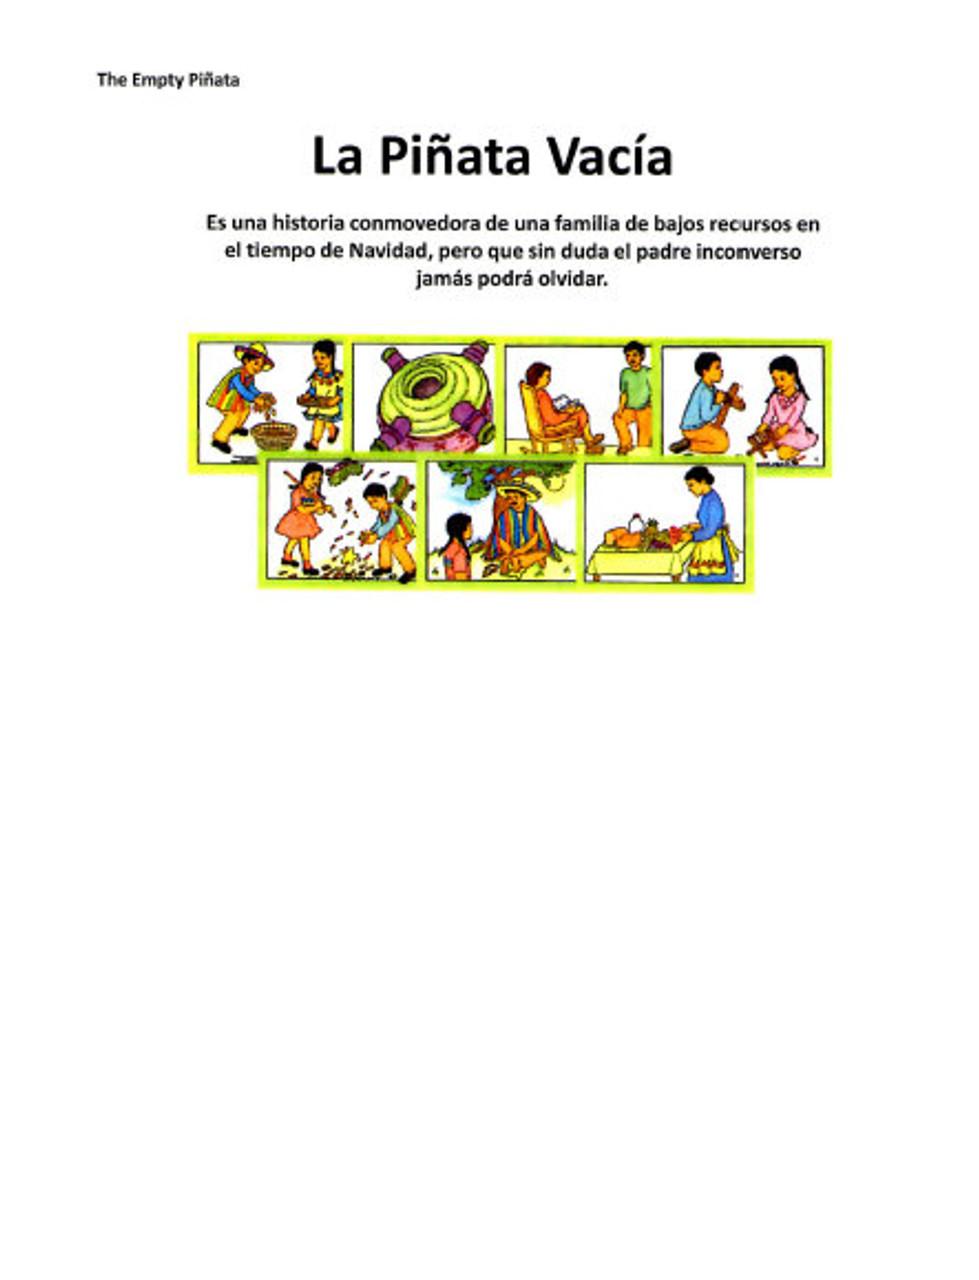 La Piñata Vacia (Empty Piñata)